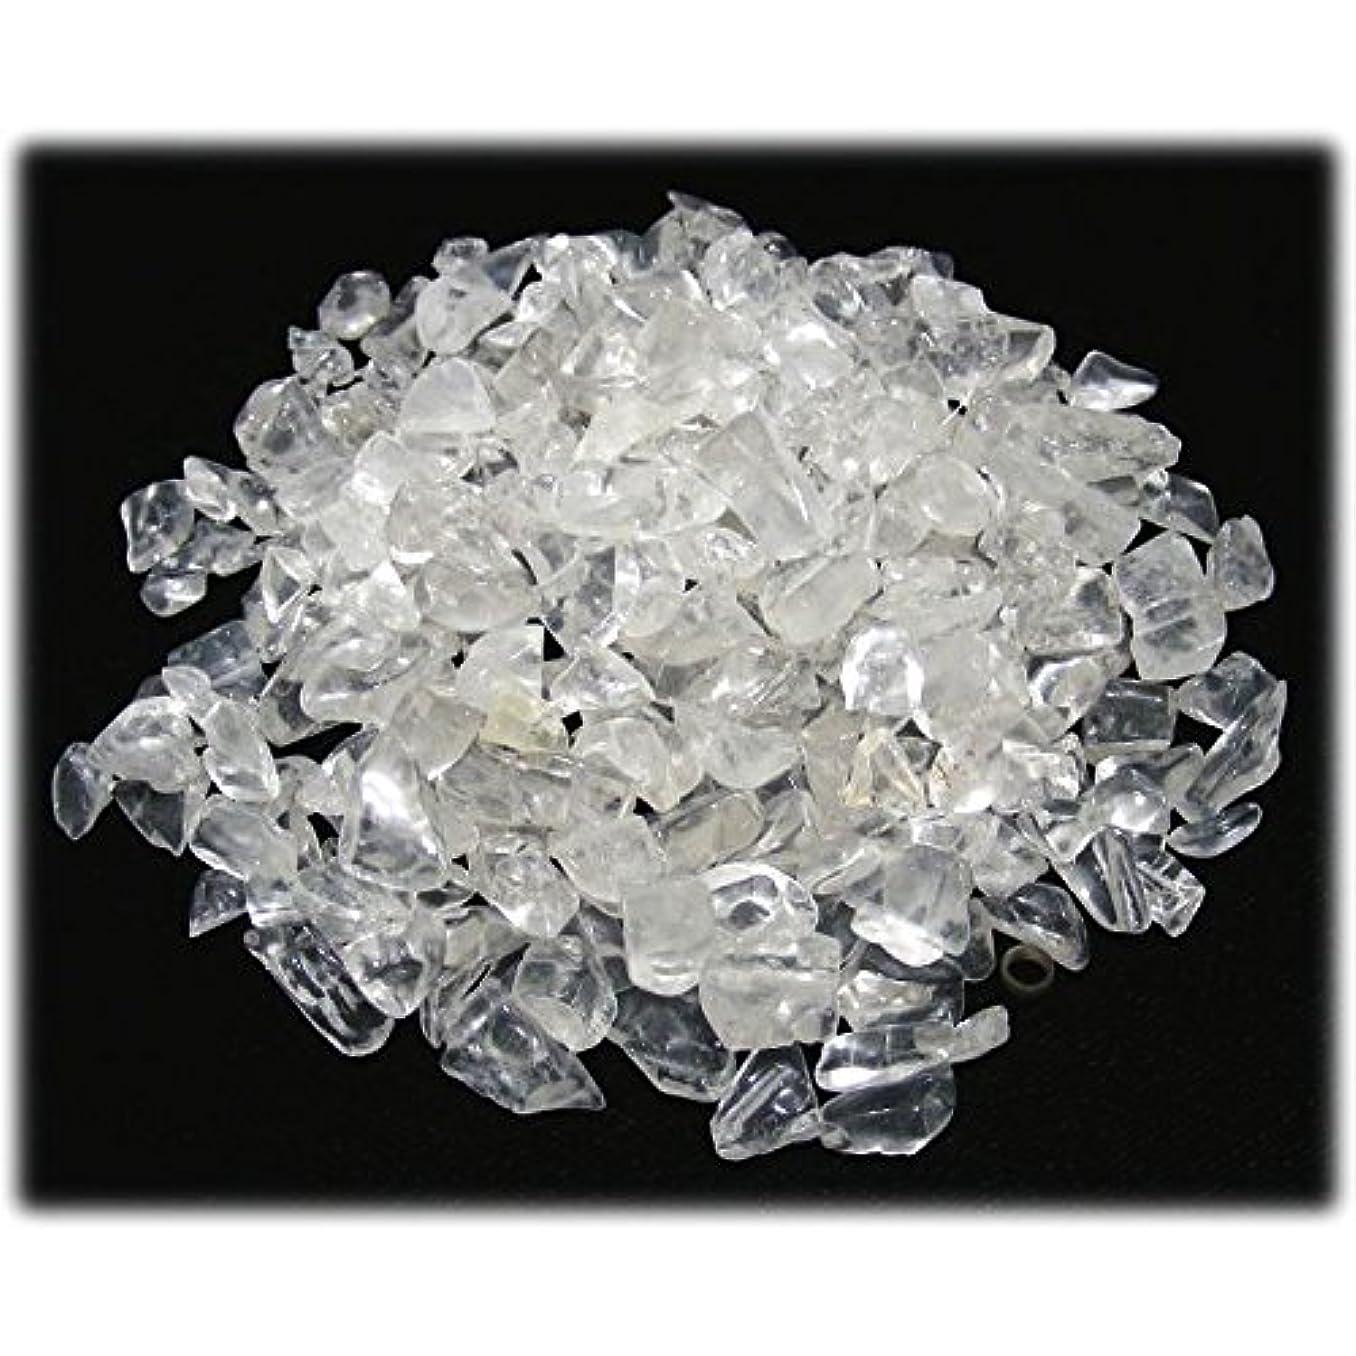 浄化アイテム 水晶さざれ(穴無し)1kg